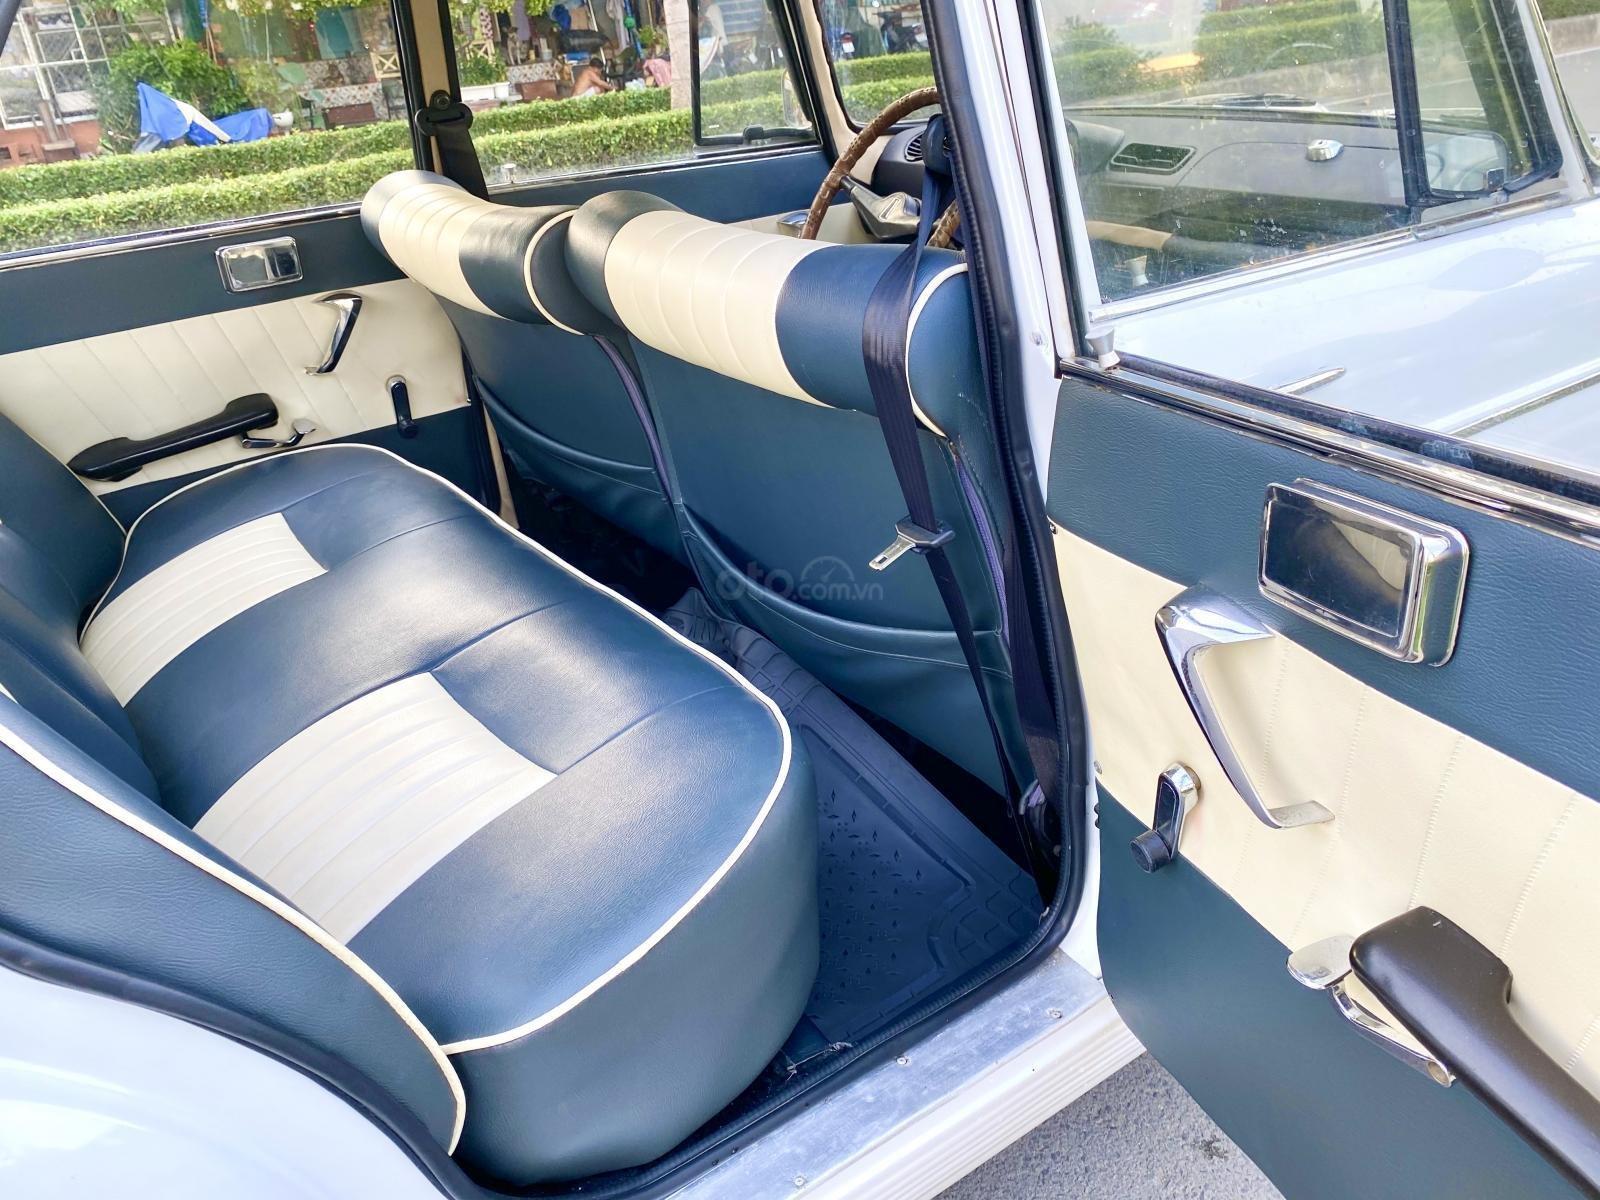 Peugeot nhập Pháp trước 1965 màu trắng, hàng full cao cấp, đủ đồ chơi không thiếu món nào, nội thất nệm da hai màu (11)